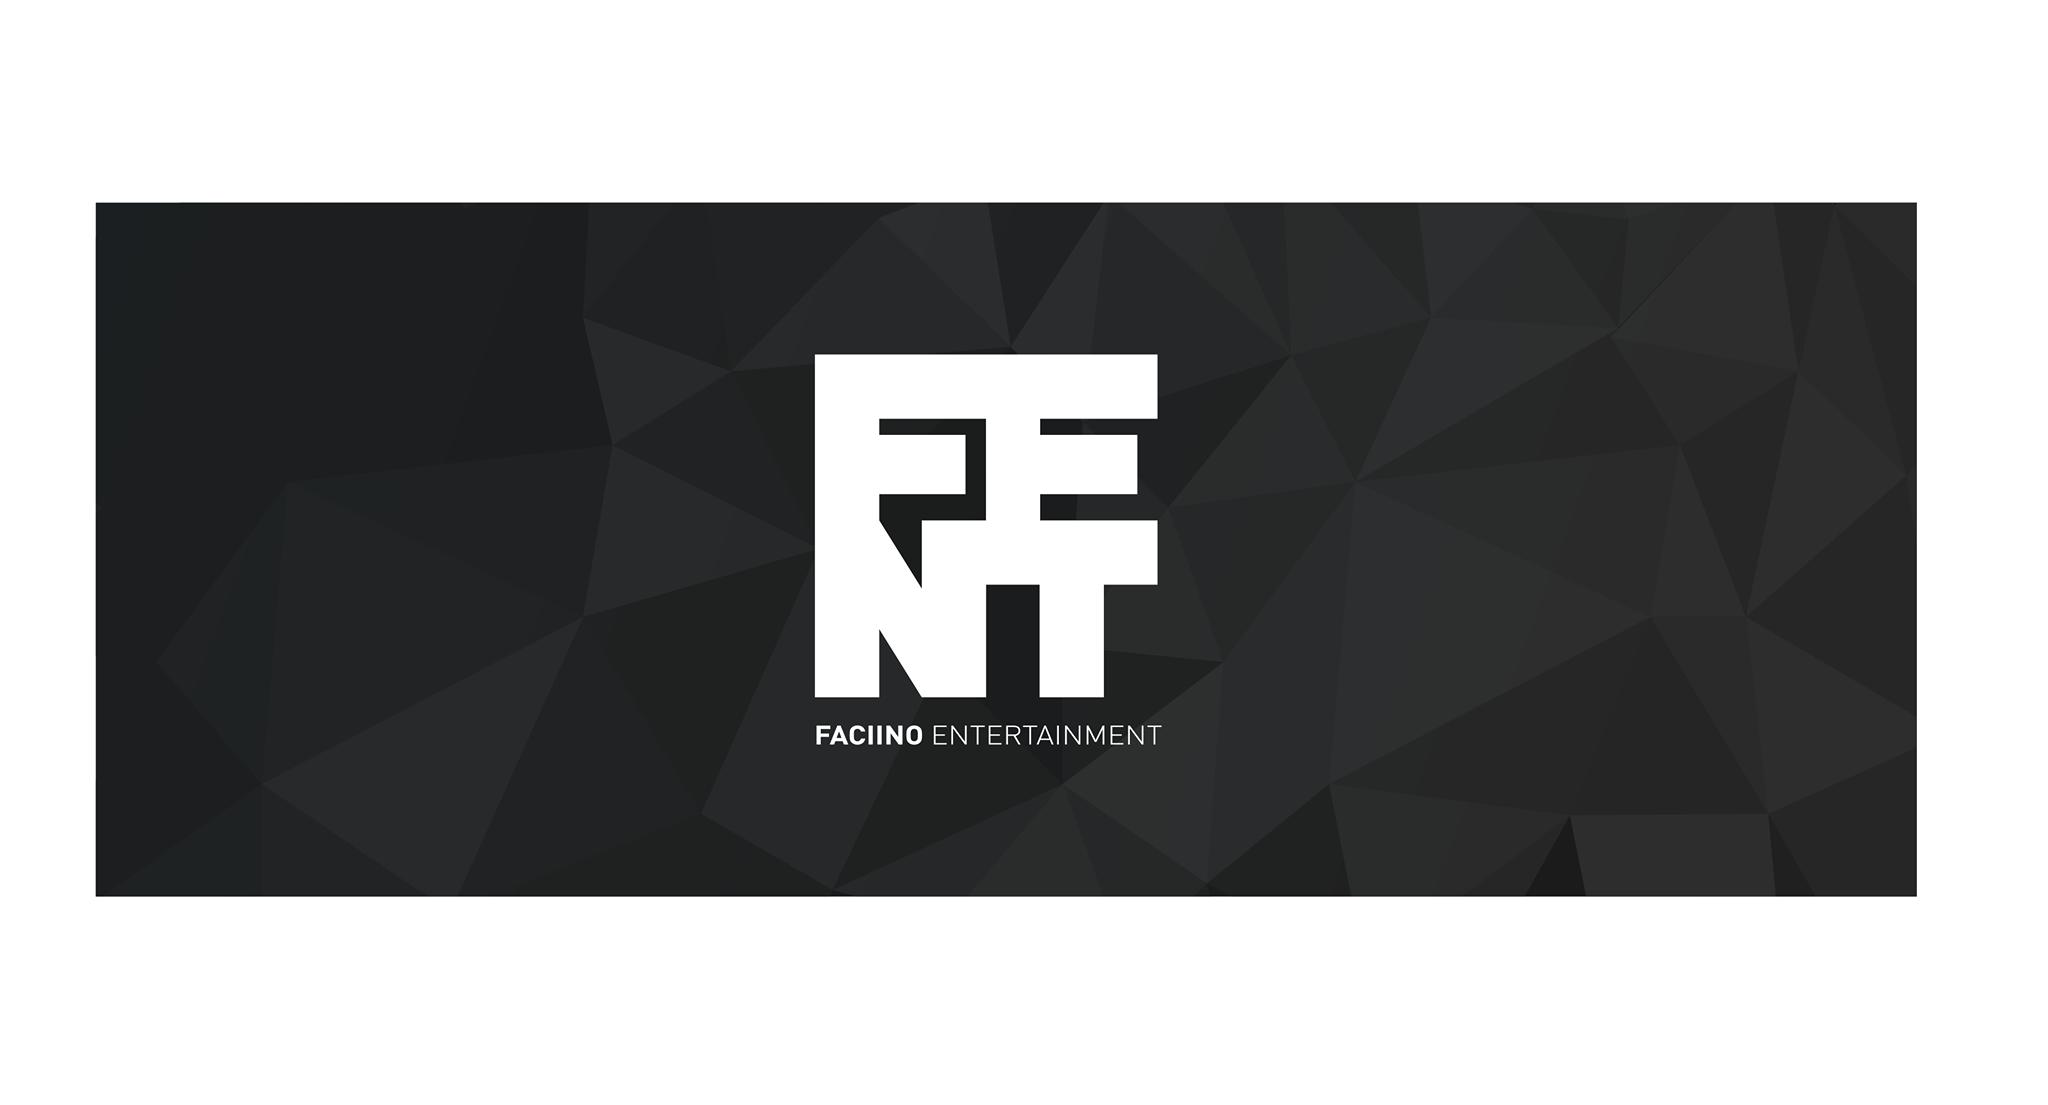 韓國經紀公司Fent在11月初曾公布消息《PRODUCE 48》出身的金鍍我會在11月出道,以FANATICS組合裡首個小分隊「FLAVOR」出擊,出道專輯的錄音、編舞和MV拍攝已經結束,目前正在進行後半部的製作。